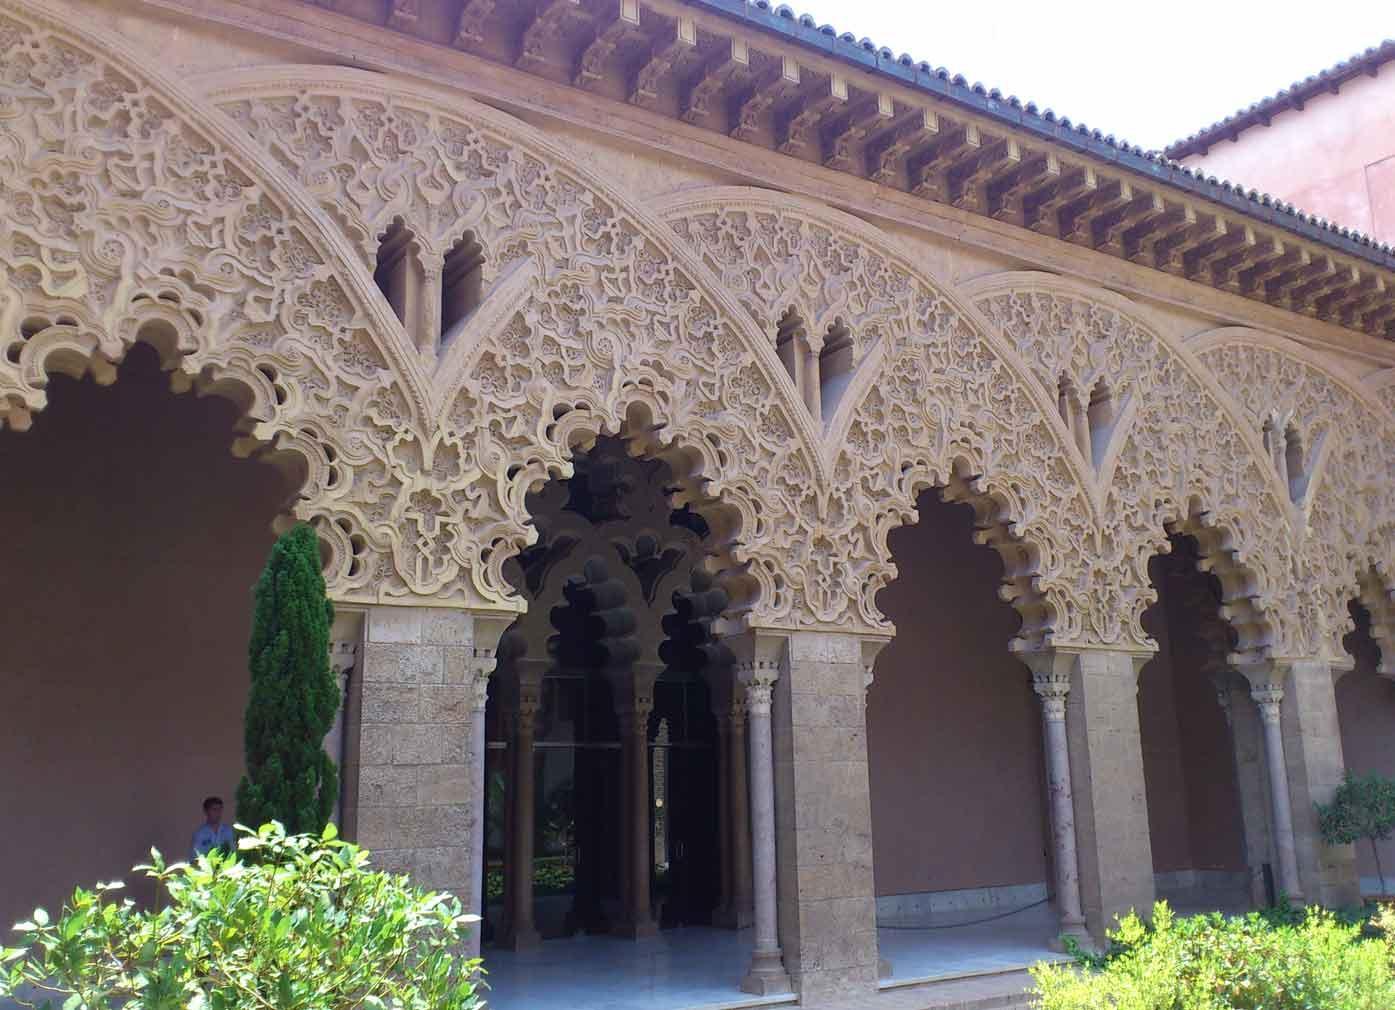 Edbhinteriordesign arquitectura isl mica en espa a for Arquitectura islamica